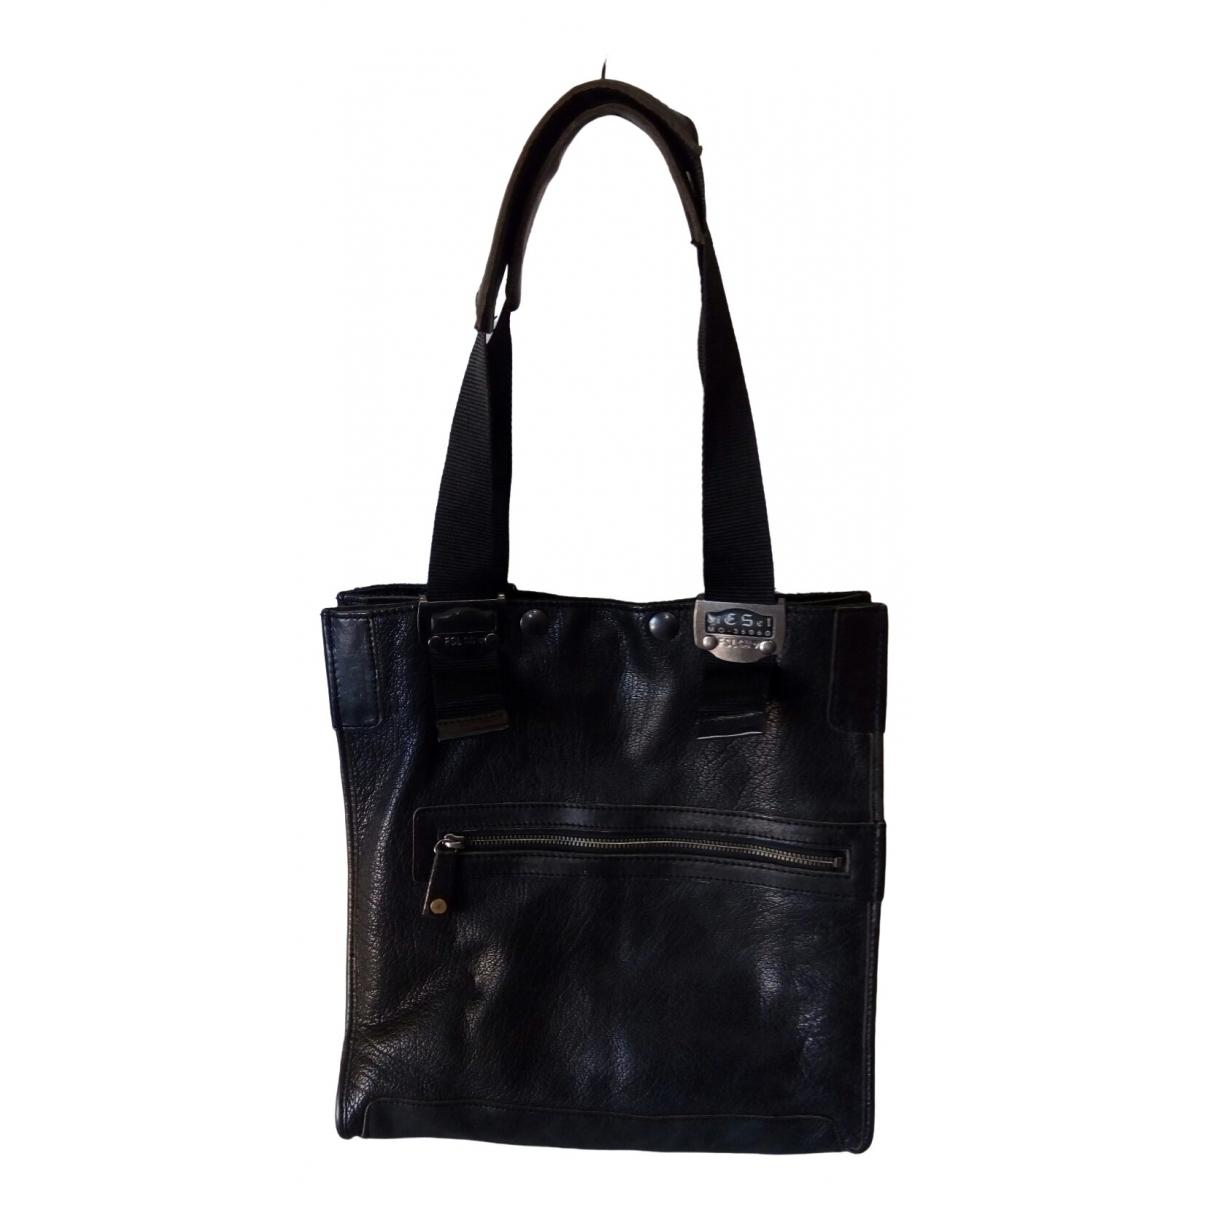 Diesel \N Black Leather handbag for Women \N